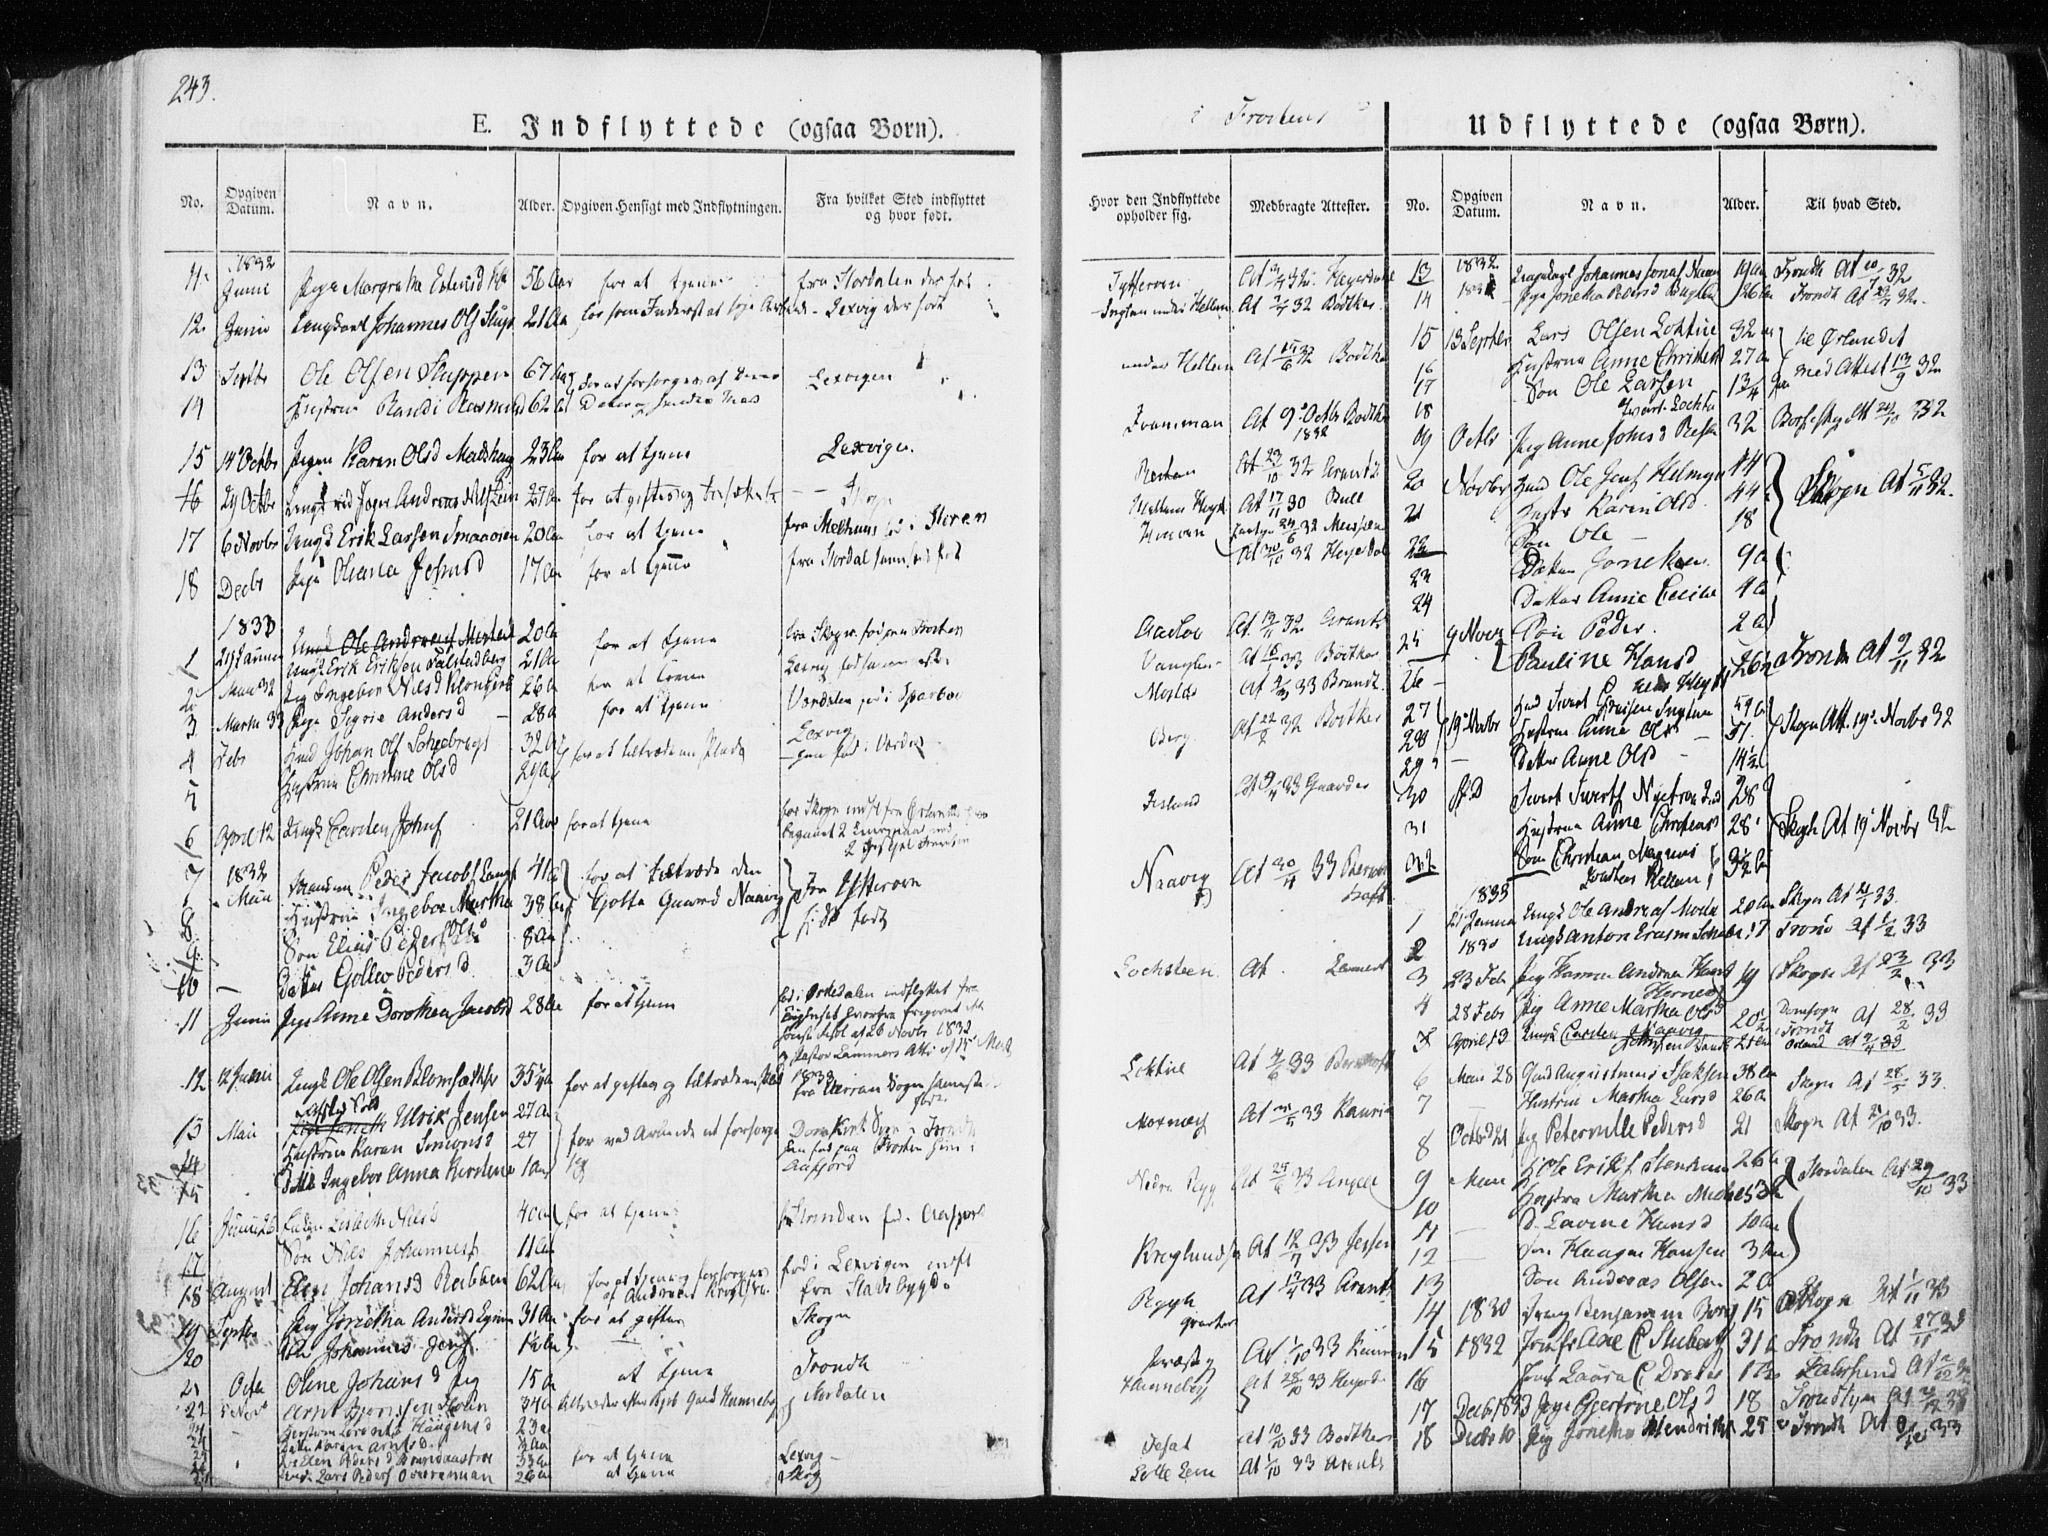 SAT, Ministerialprotokoller, klokkerbøker og fødselsregistre - Nord-Trøndelag, 713/L0114: Ministerialbok nr. 713A05, 1827-1839, s. 243